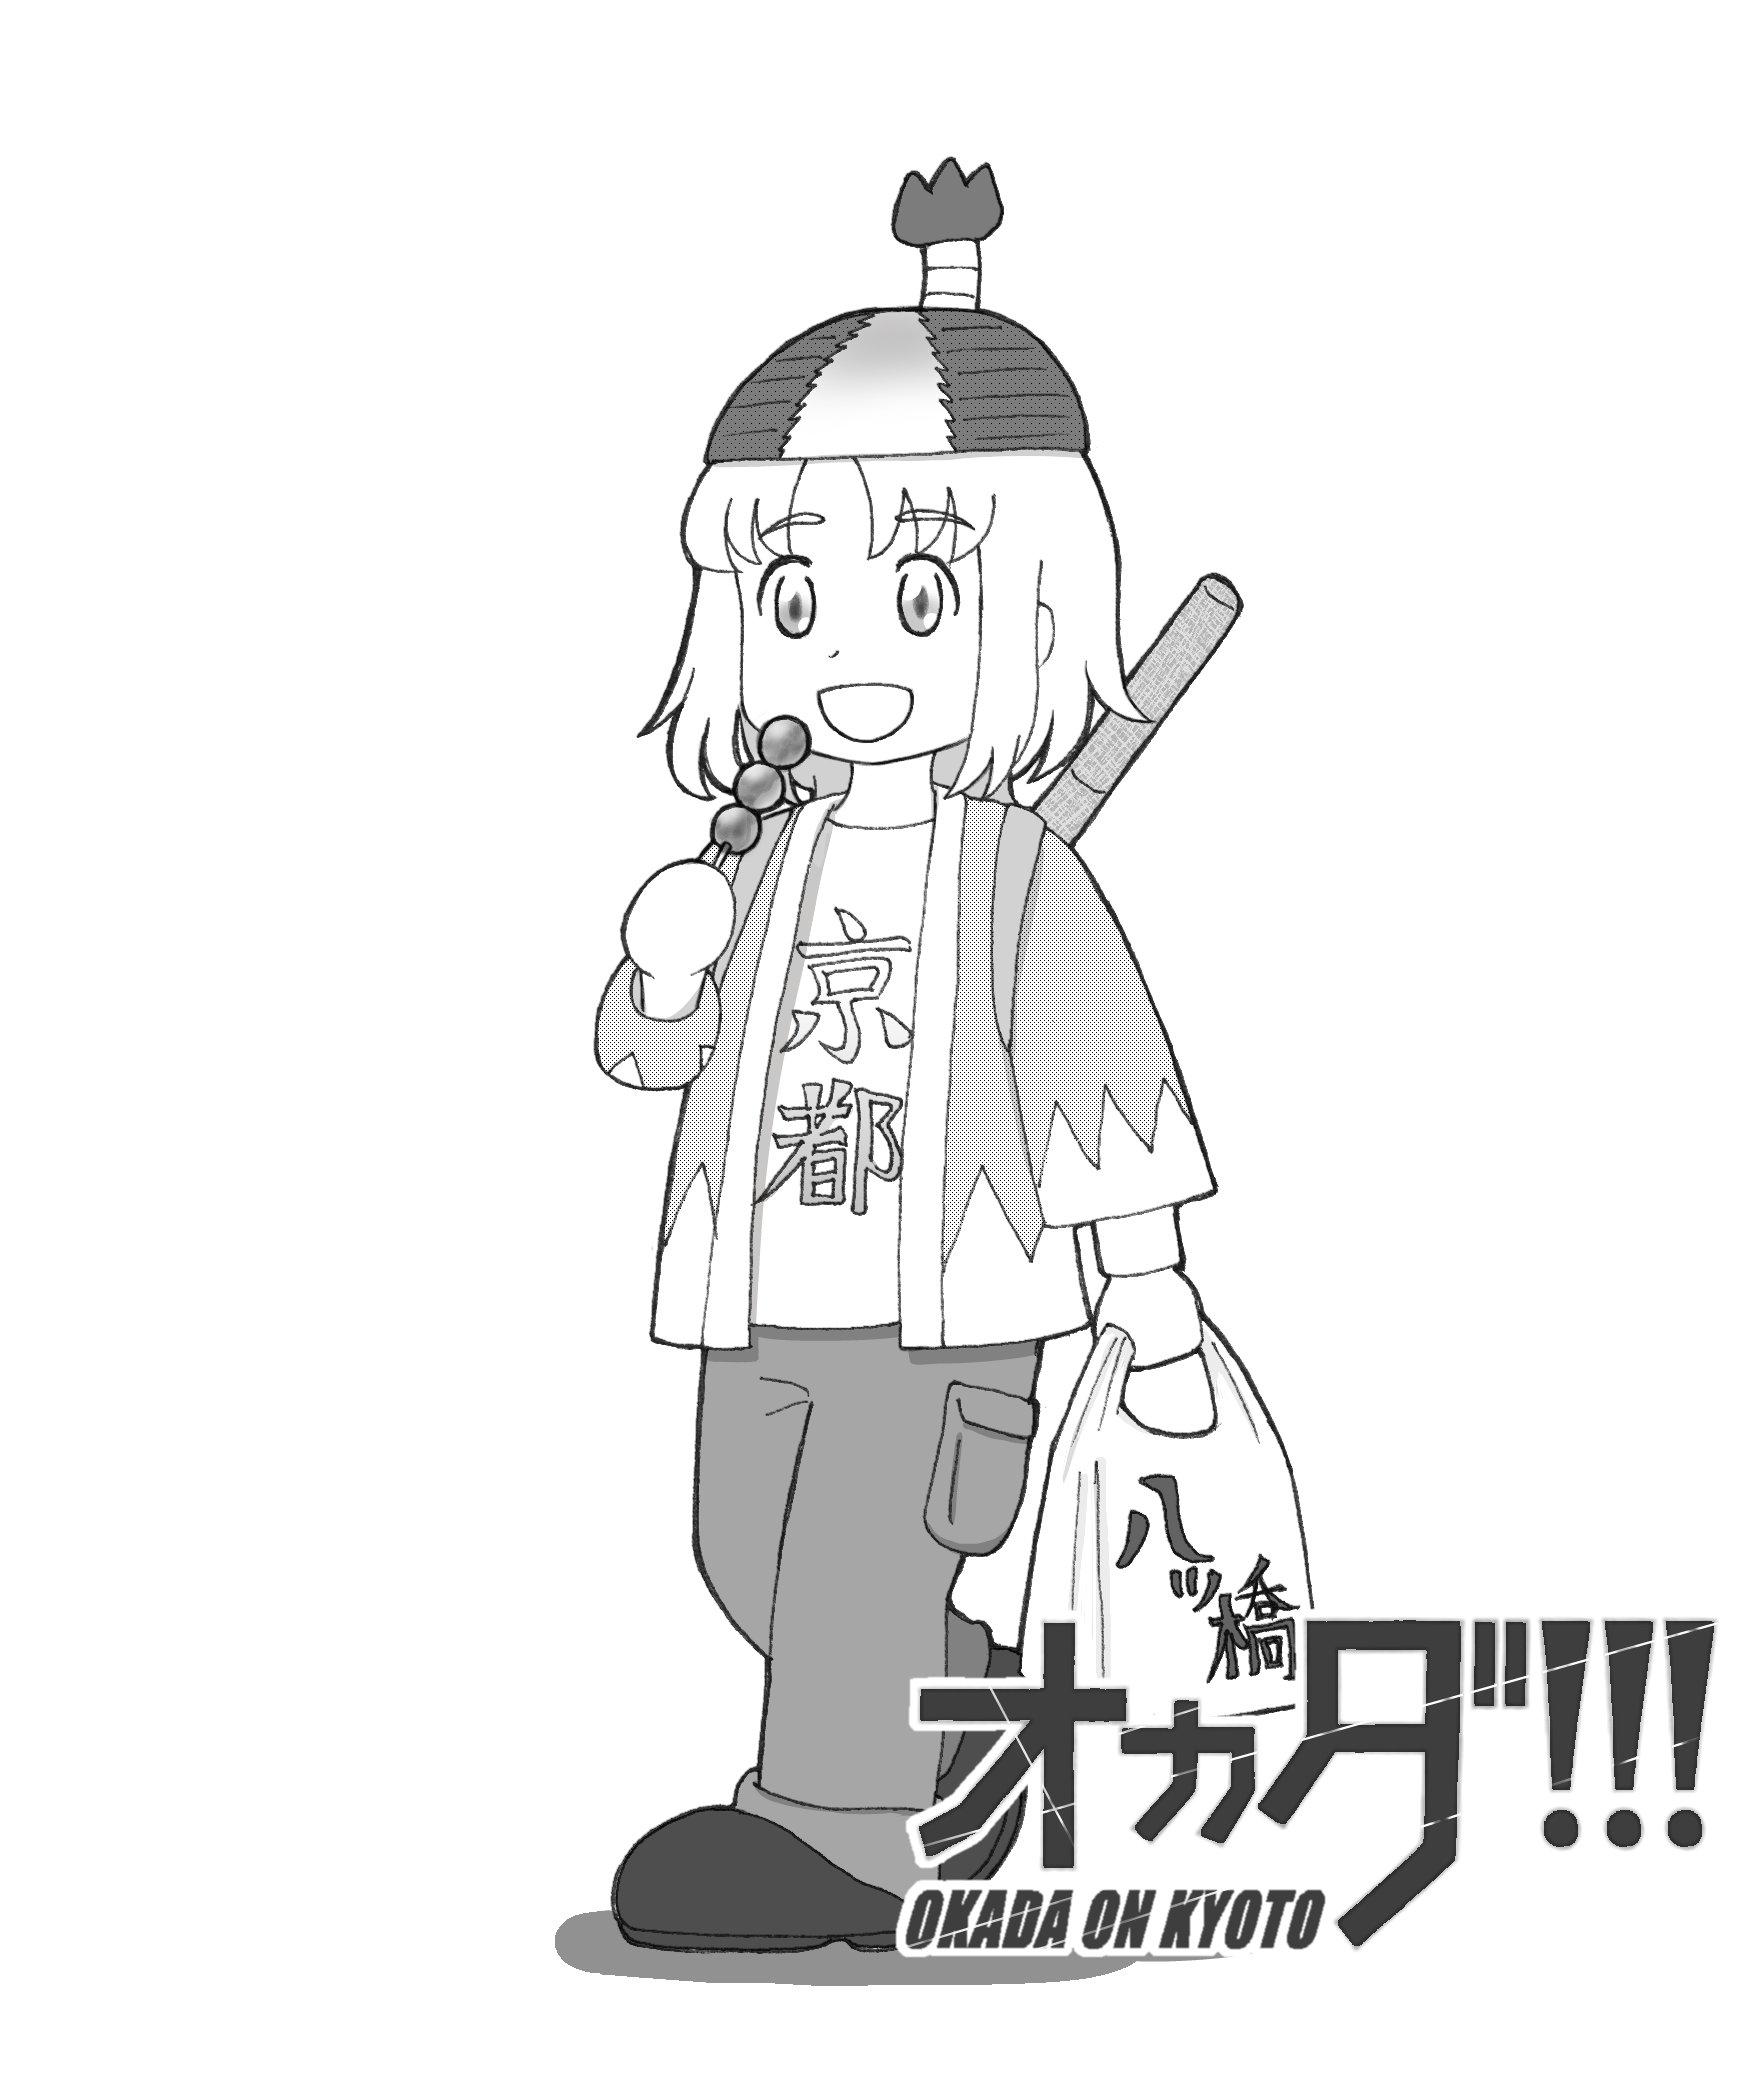 ジュン[潤]@ジョー岡田3周年 (@jun_kyoto_)さんのイラスト